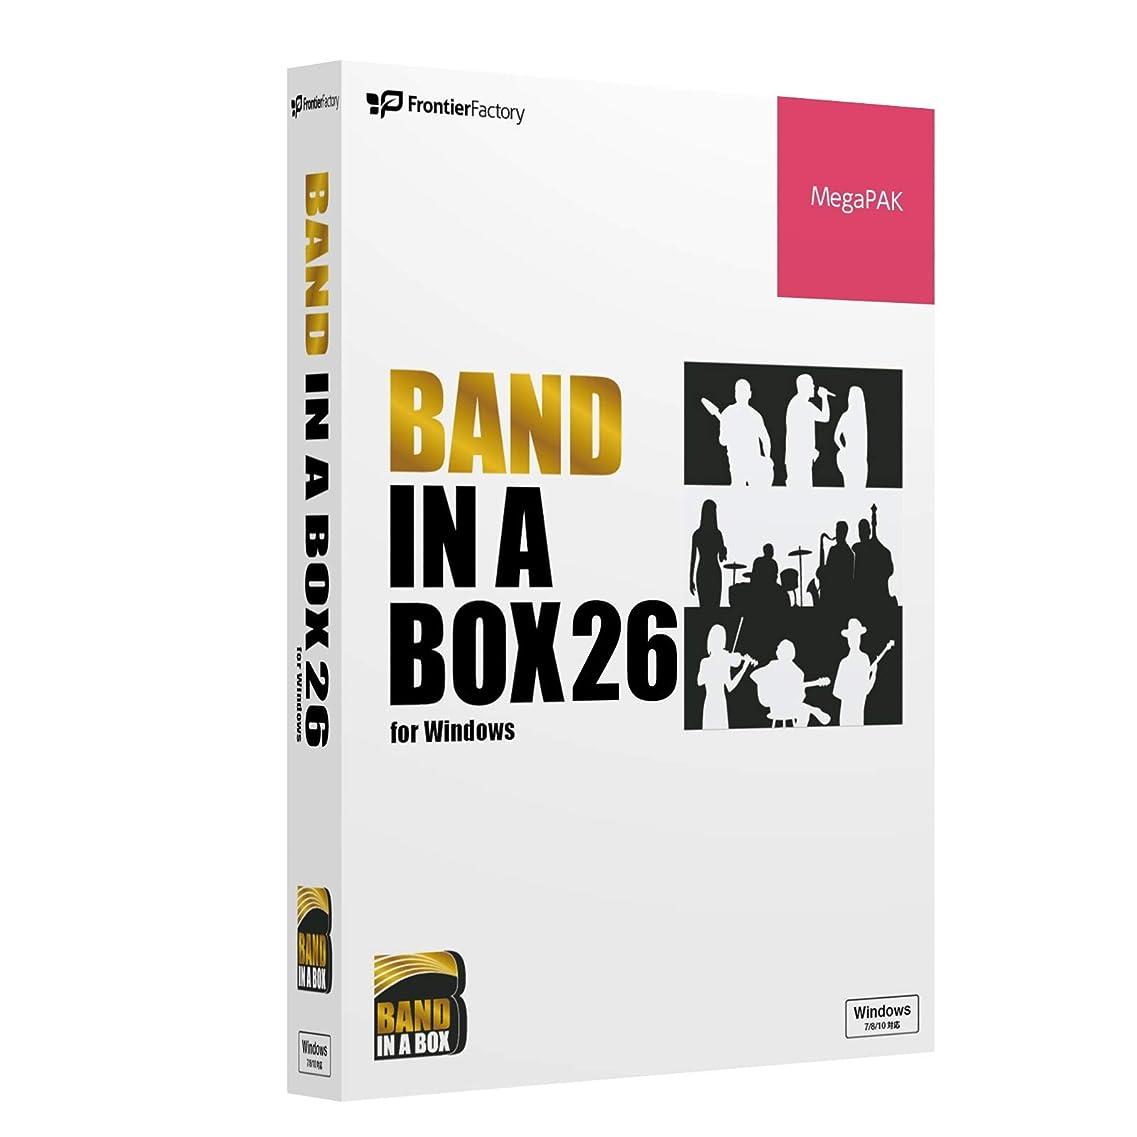 放散する中性後方にPG Music ピージーミュージック/Band-in-a-Box 26 for Win MegaPAK バンドインアボックス